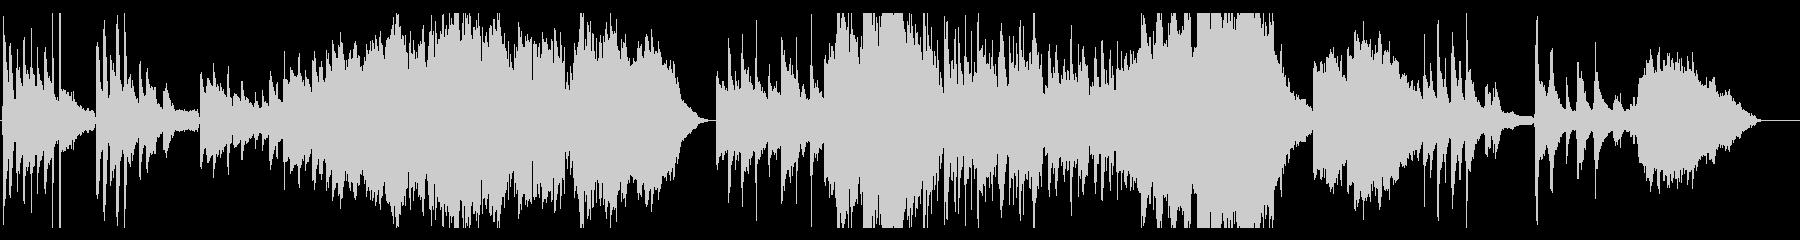 ノスタルジーなピアノ・ストリングスの未再生の波形